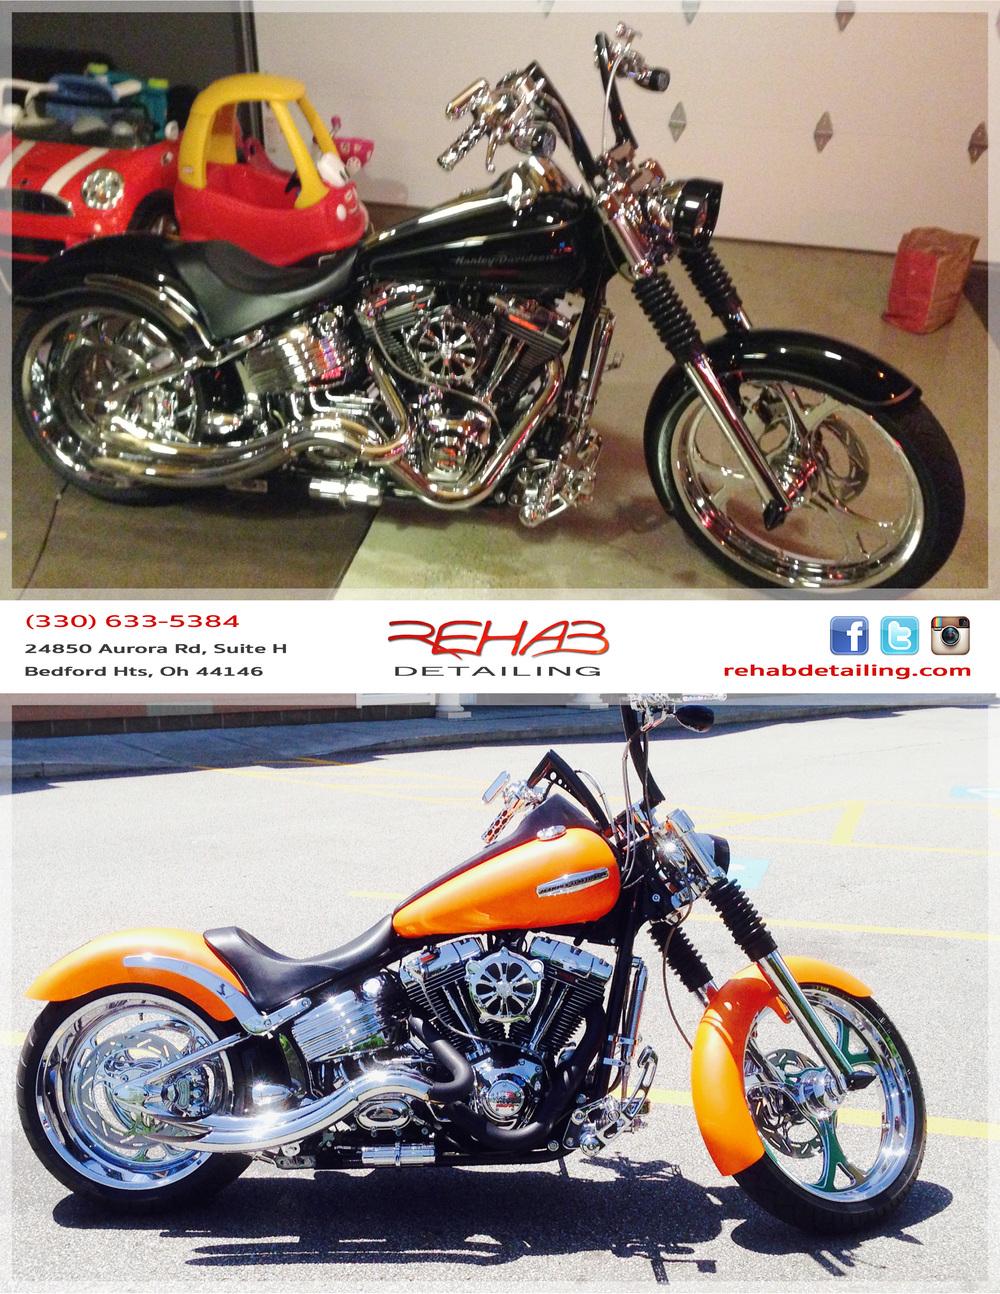 2006 Harley-Davidson Deuce Custom